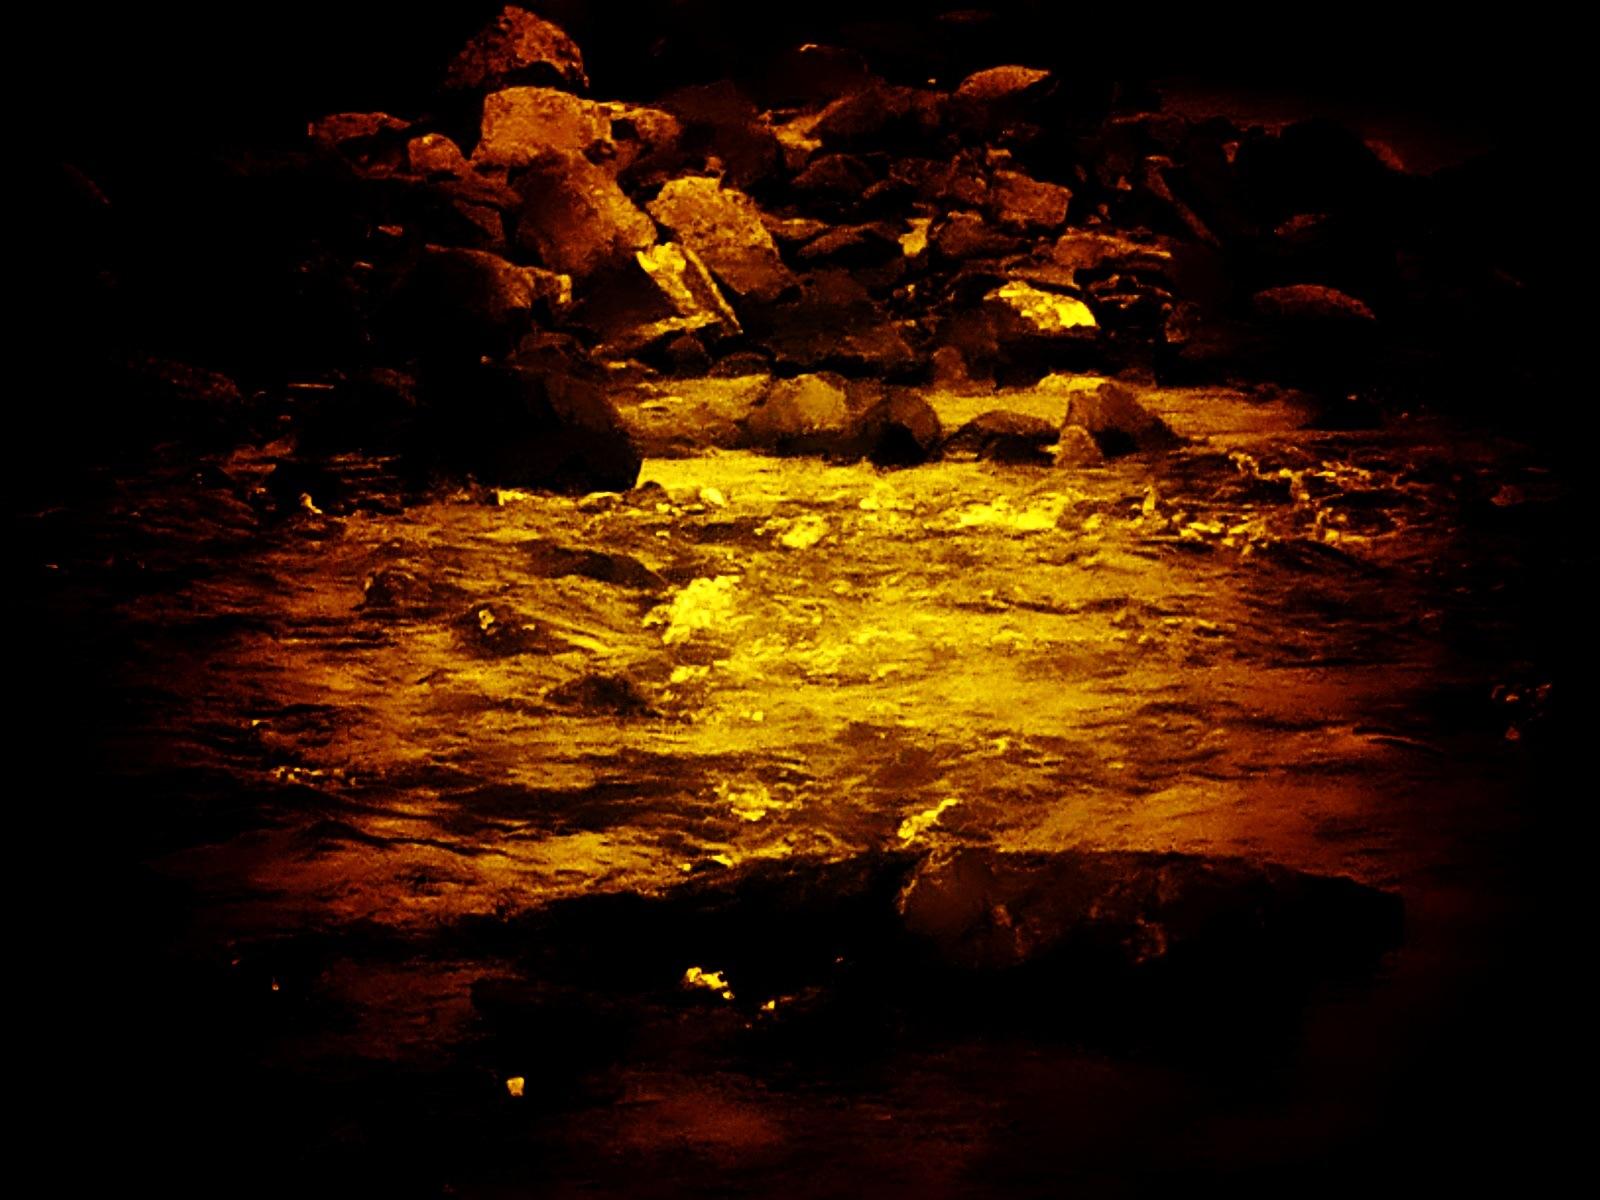 Beauty Of Water  by Zala Prakashsinh